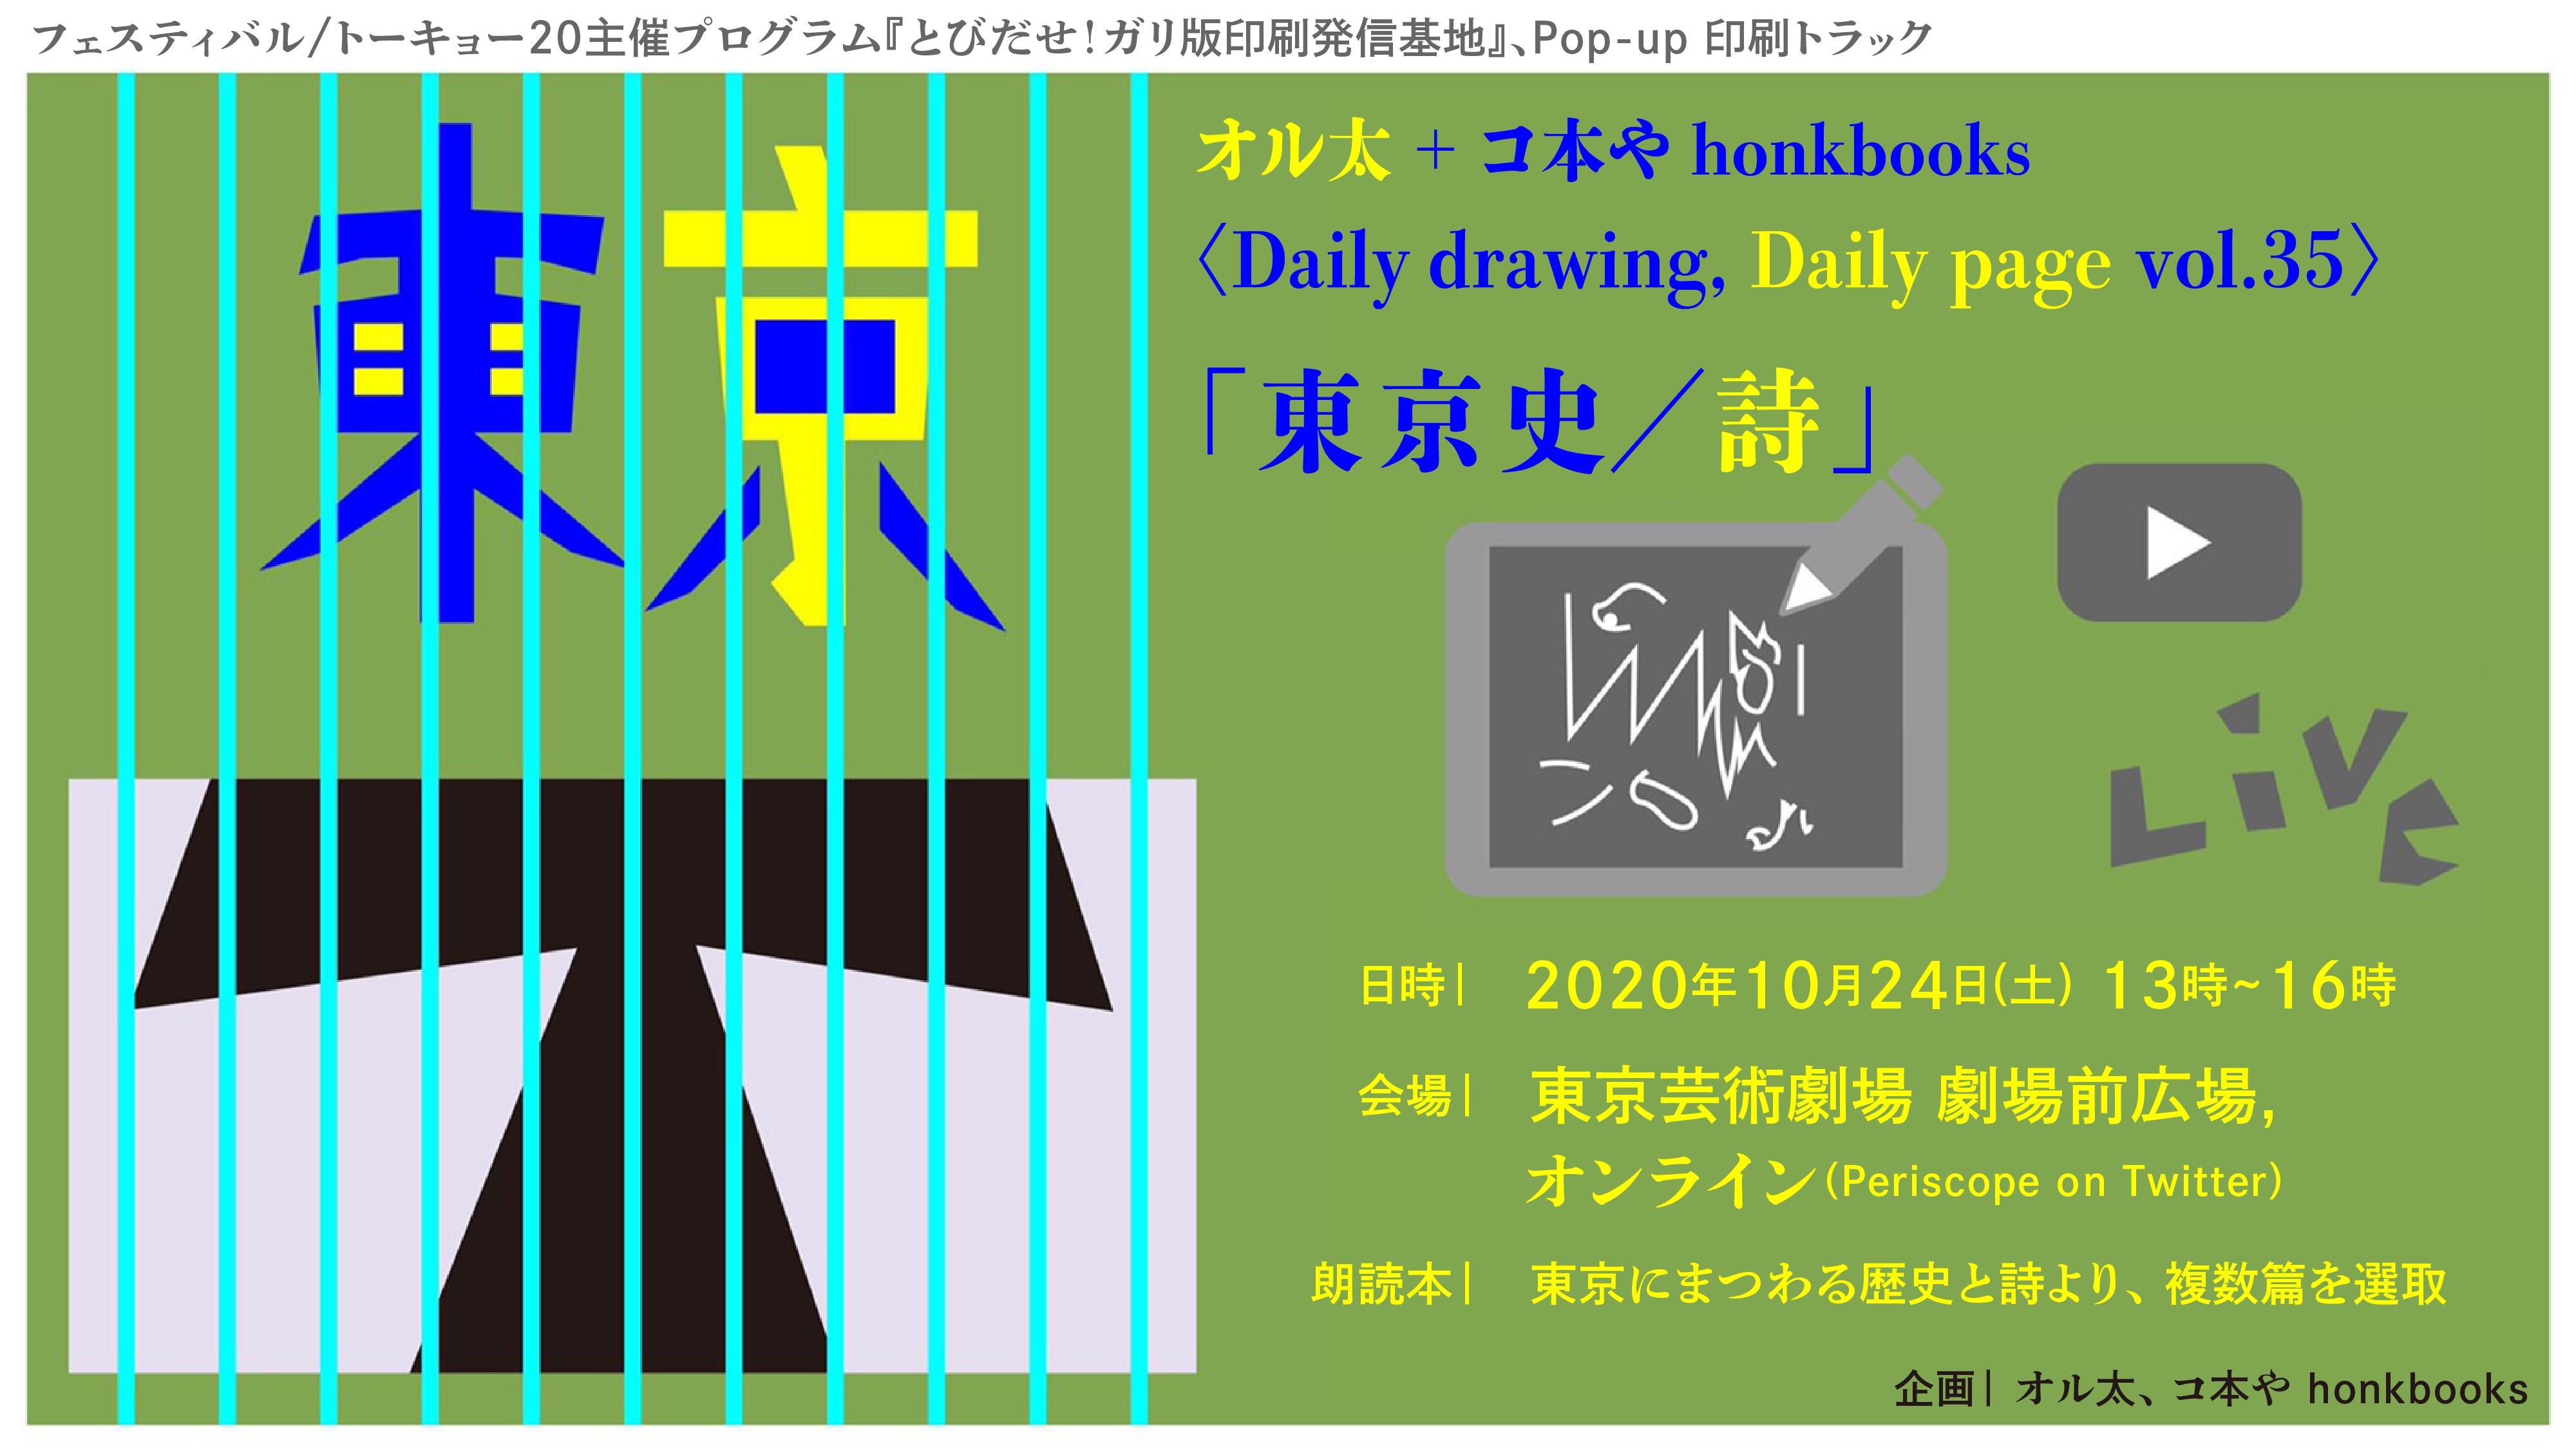 オル太+コ本や共同企画〈Daily drawing, Daily page vol.35〉「東京史/詩」